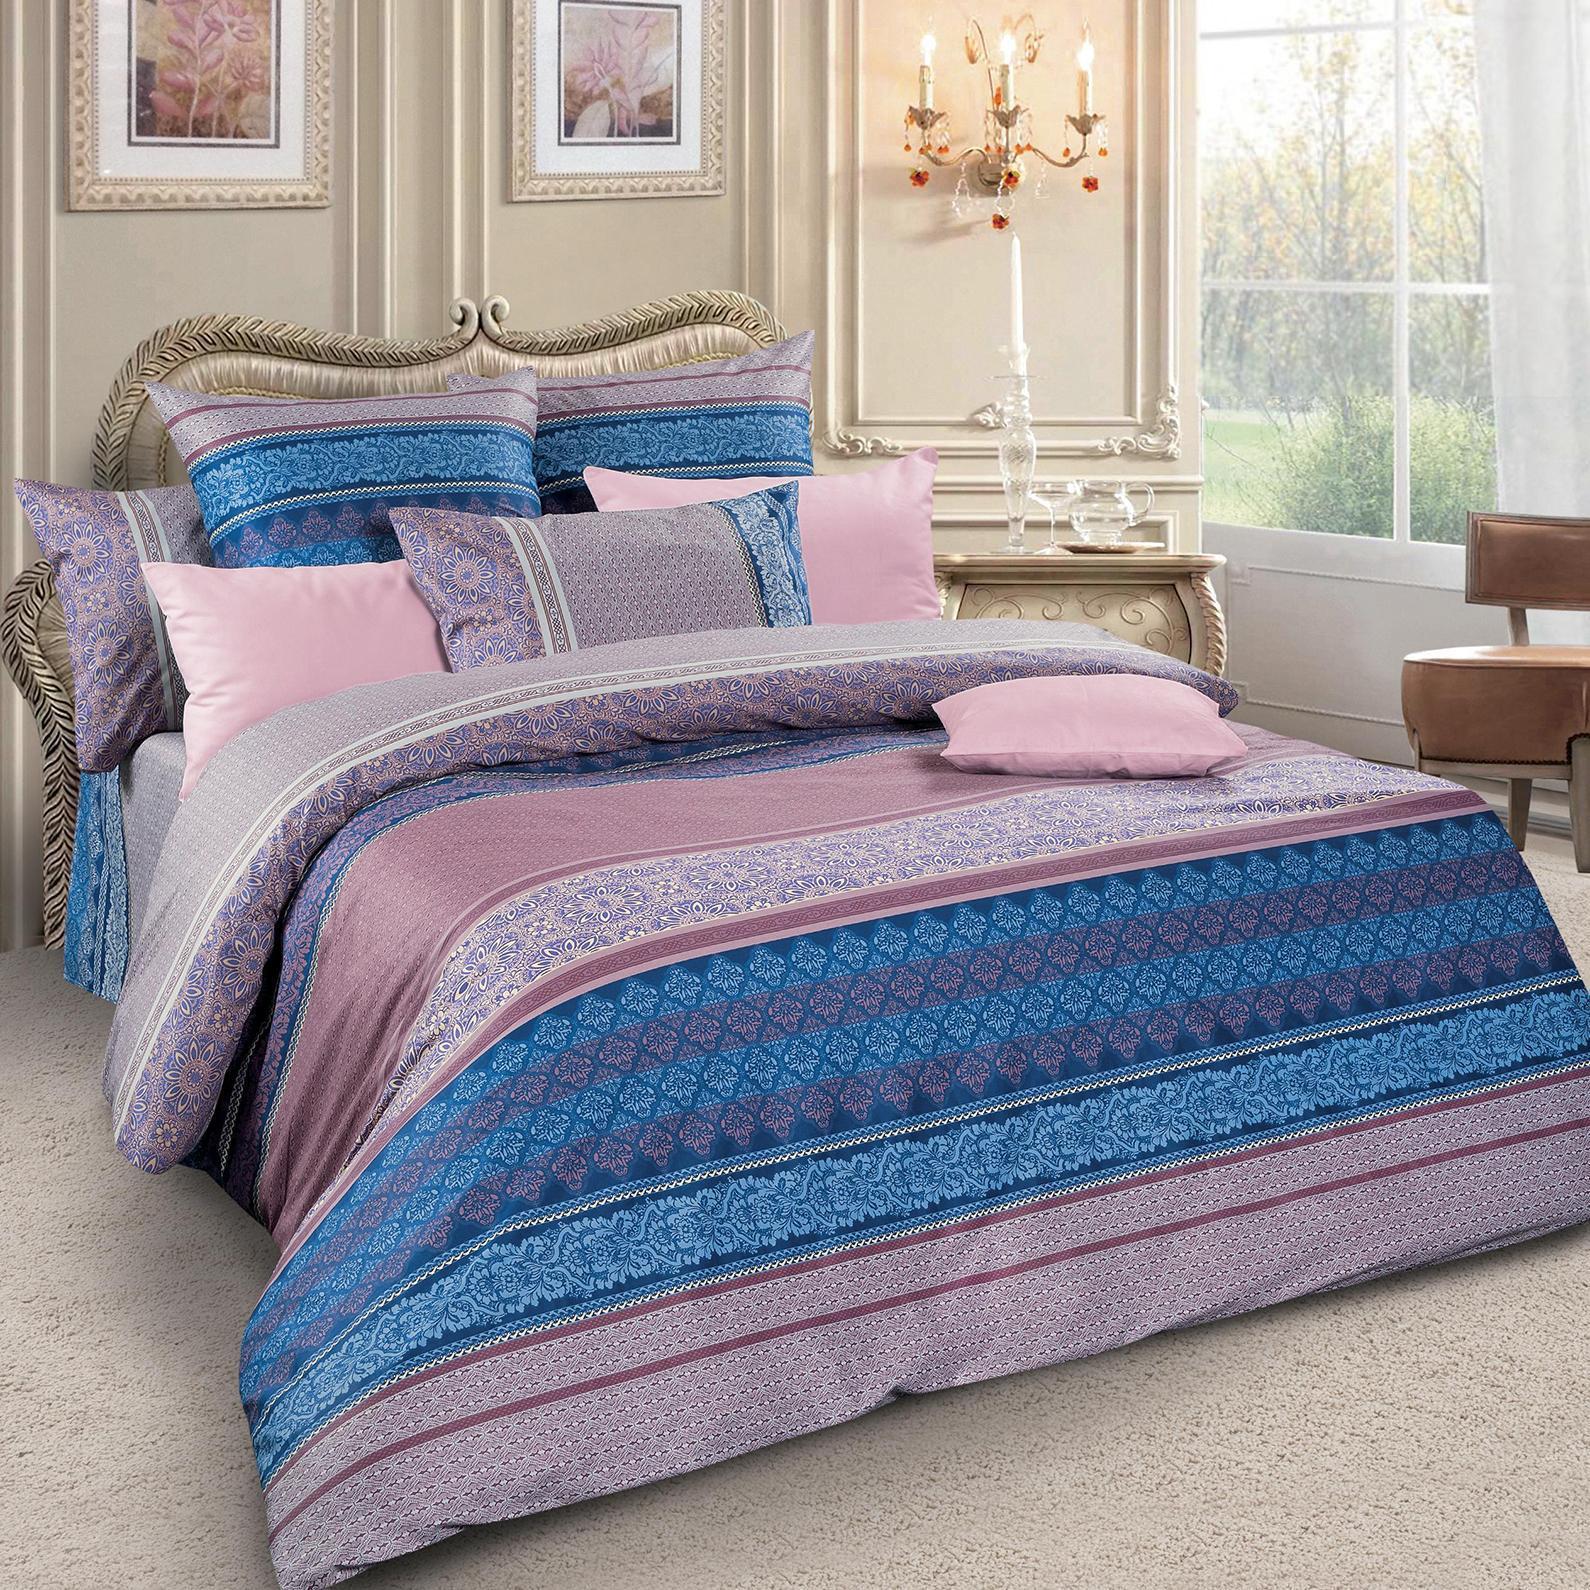 Комплект белья Letto, семейный, наволочки 70х70, цвет: фиолетовый. sm49-7sm49-7Спокойная классика в сатиновом исполнении - залог комфорта и гармонии цвета в вашей спальни. Дополните свою спальню актуальным принтом от европейских дизайнеров! Это отличный подарок любителям модных трендов в цвете и дизайне. Комплект выполнен из сатина, который заслужено считается благородной тканью для постельного белья. Сатину свойственна практичность, долговечность, мягкость и изысканный блеск, такая ткань прекрасно впитывает влагу во время сна, комфортна на ощупь и не требует особого ухода. Серия Letto Сатин – это современные дизайны в европейской стилистике, которые прекрасно дополнят Вашу спальню. Обращаем внимание, что наволочки могут отличаться от представленных на фотографии. Также может отличаться и оттенок комплекта из-за разницы в цветопередаче мониторов.